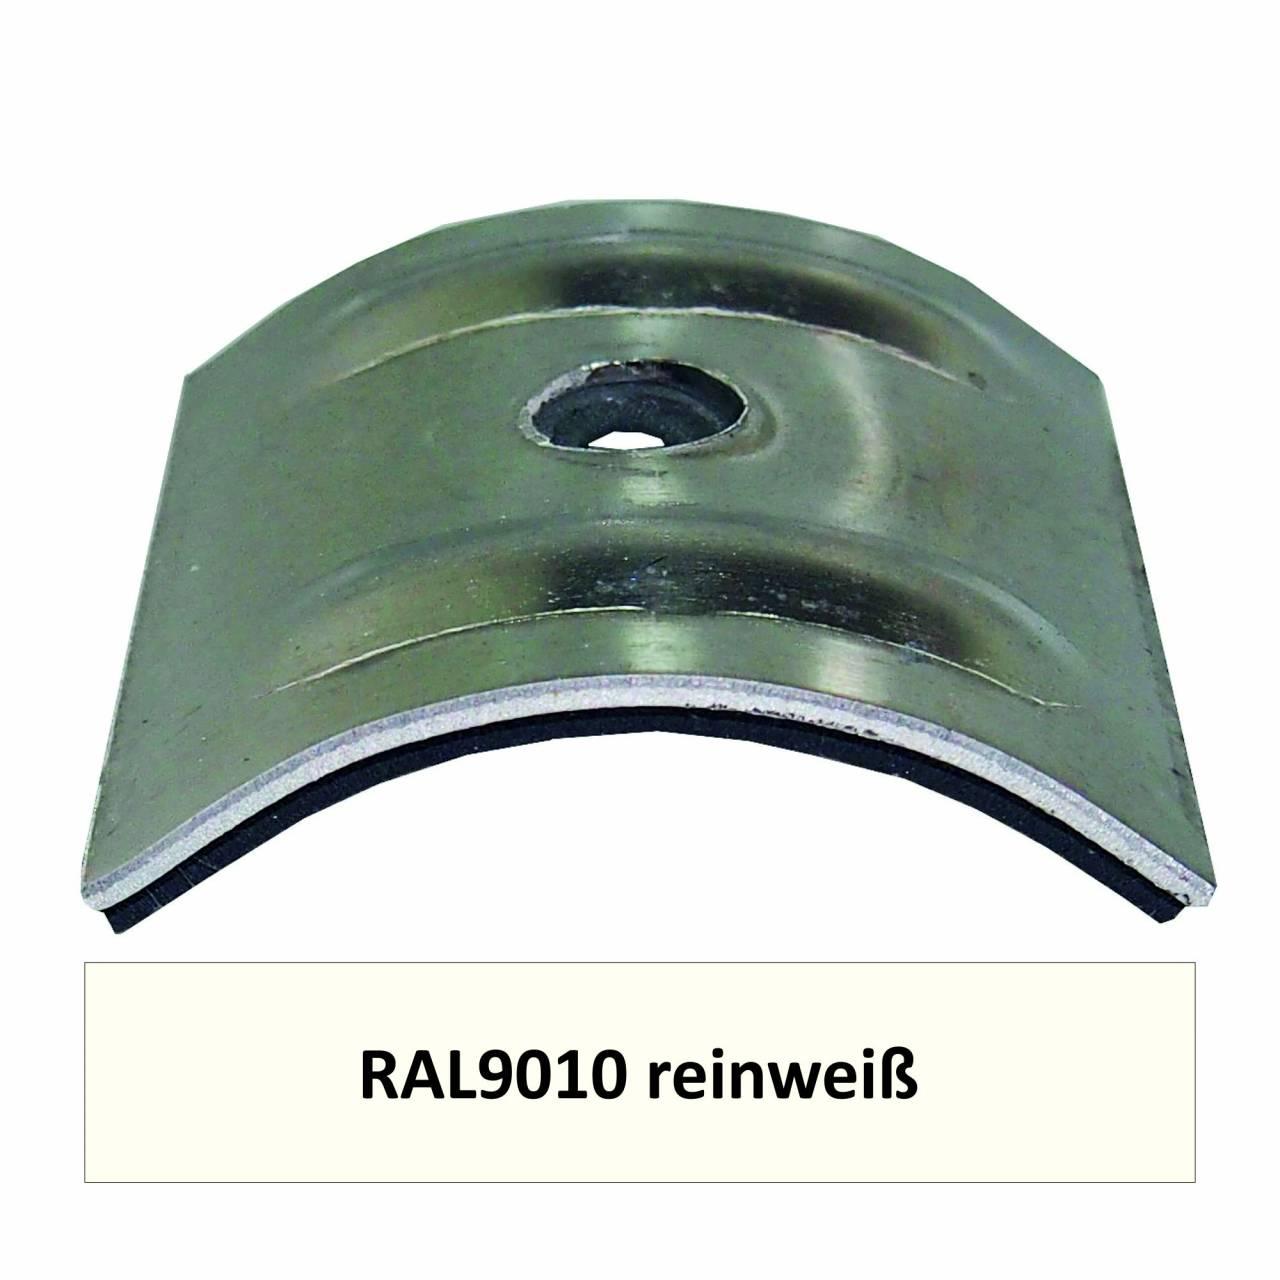 Kalotten für Welle 18/76, Alu RAL9010 reinweiß / Pck a 100 Stück